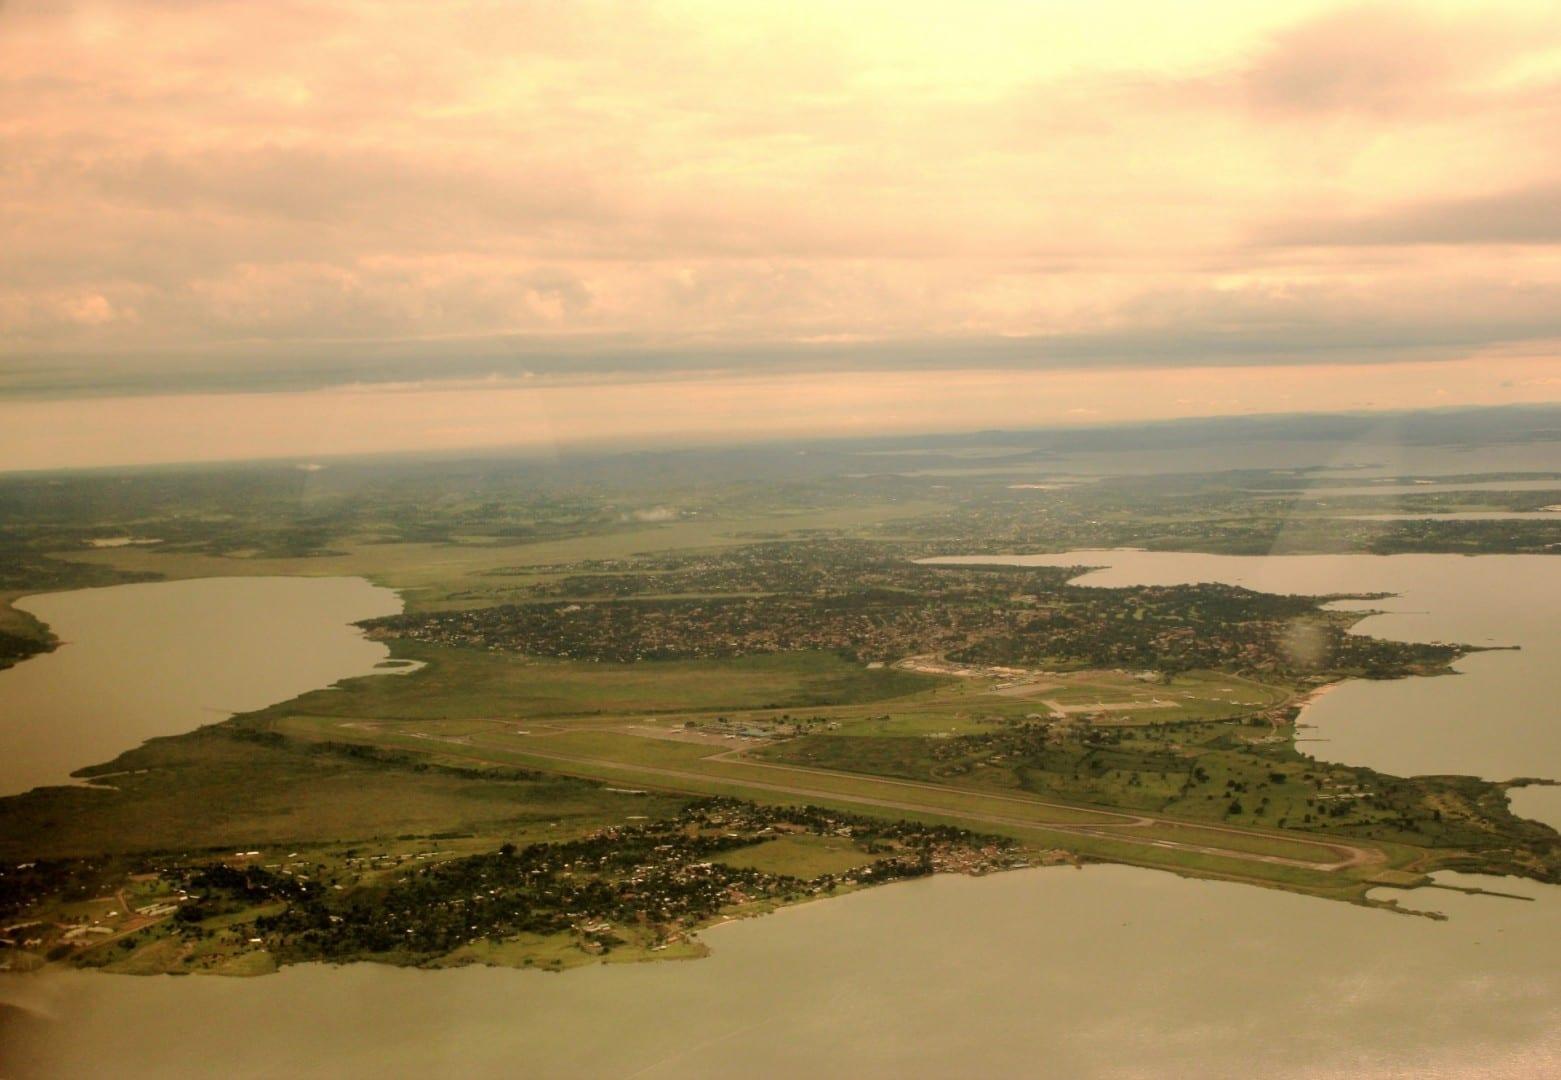 Vista aérea de Entebbe y su aeropuerto Entebbe Uganda